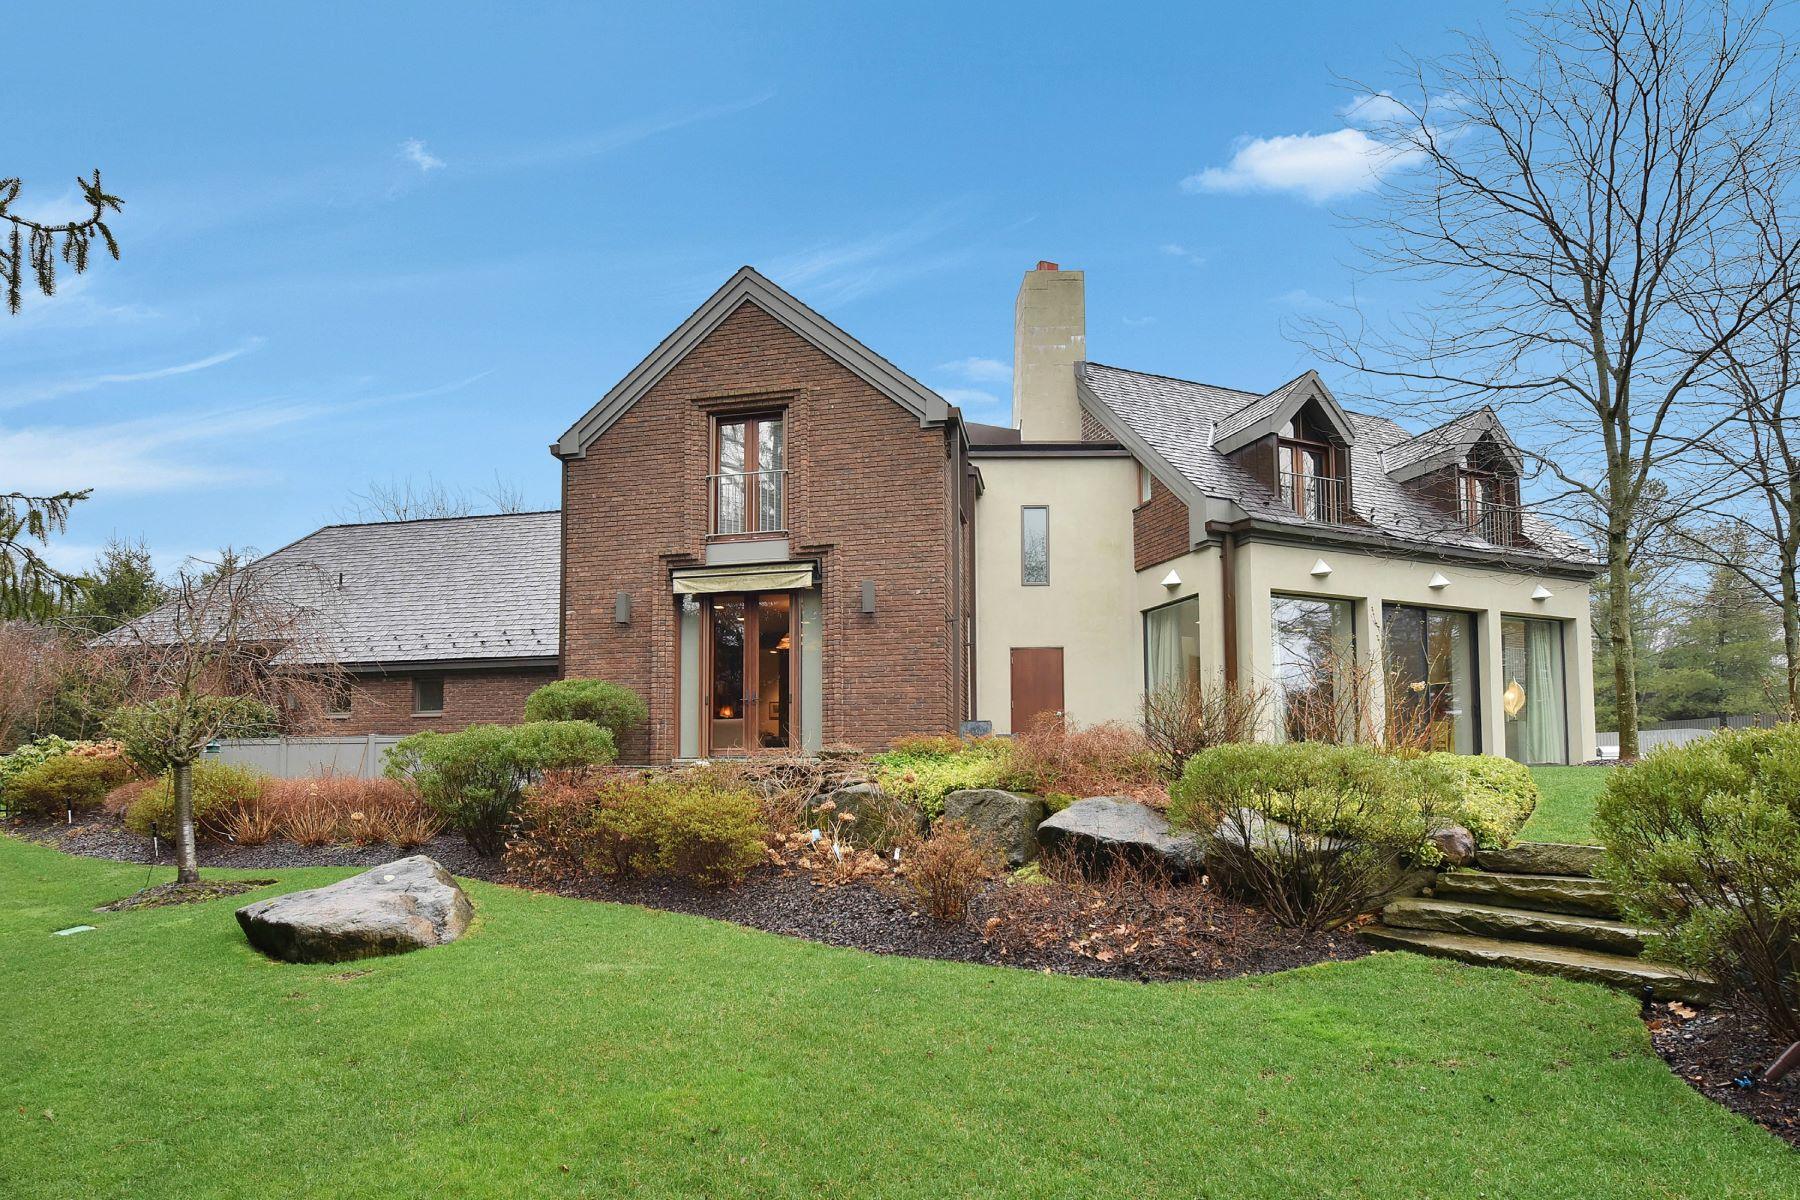 独户住宅 为 销售 在 The Quintessential, Understated, Post-Modern Home 10 Nelson Place 特纳弗莱, 新泽西州 07670 美国